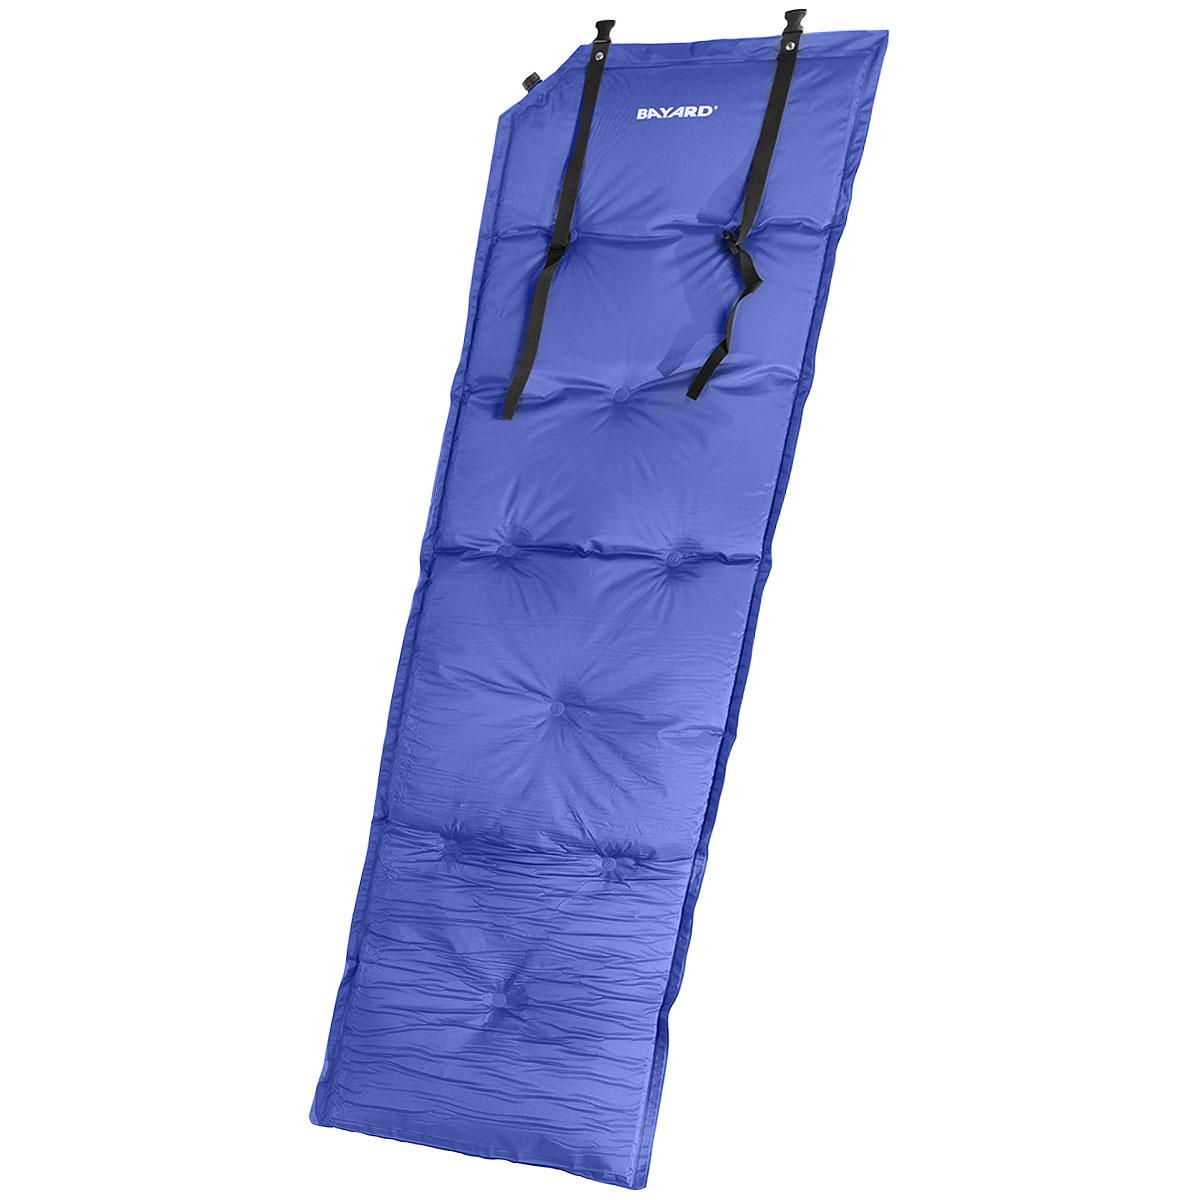 Коврик самонадувающийся Bayard V-Max 25, цвет: синий, 188 см х 55 см х 2,5 см015500Самонадувающийся туристический коврик с подушкой Bayard V-Max 25 предназначен для теплоизоляции, например, между почвой и телом лежащего человека, а также для предохранения спального мешка от повреждений и влаги. Очень простой в использовании, легко и быстро надувается, компактный и легкий. Для того, чтобы надуть коврик, просто откройте клапан, через пару минут коврик расправится и закройте клапан. Подушку необходимо надуть самостоятельно! Коврик готов к использованию! Он не даст вам замерзнуть и сделает отдых более комфортным даже на корнях или на камнях. Изделие отличается прочностью и износостойкостью. В комплекте чехол для переноски и хранения.